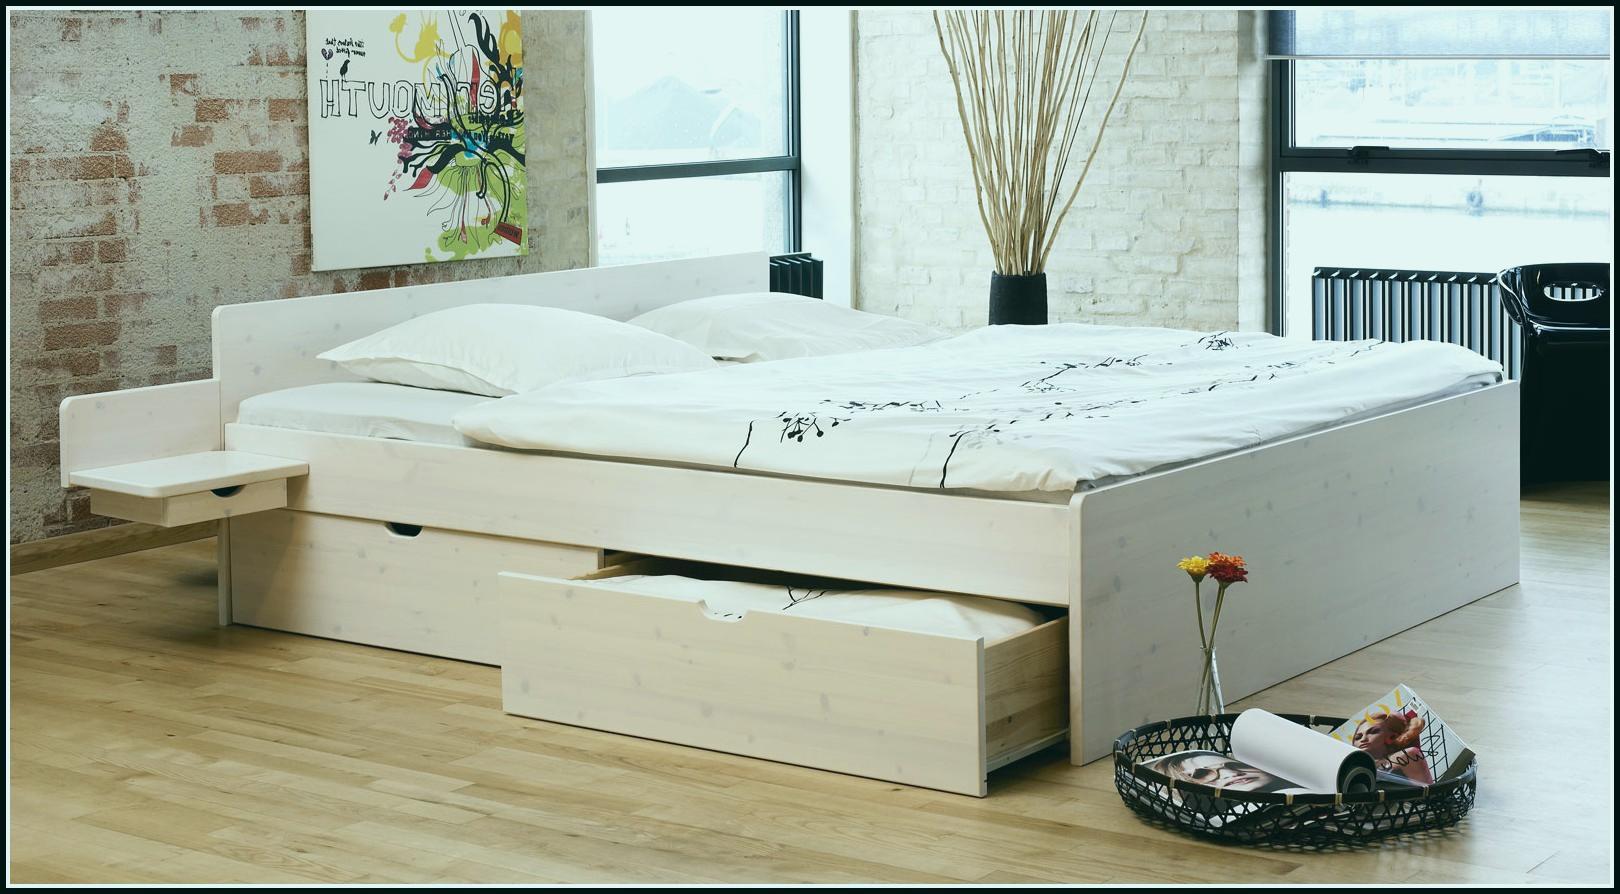 Full Size of Pappbett Ikea Bett Ausklappbar Zum Doppelbett Das 20 Von Room In A Modulküche Sofa Mit Schlaffunktion Küche Kaufen Betten 160x200 Kosten Bei Miniküche Wohnzimmer Pappbett Ikea